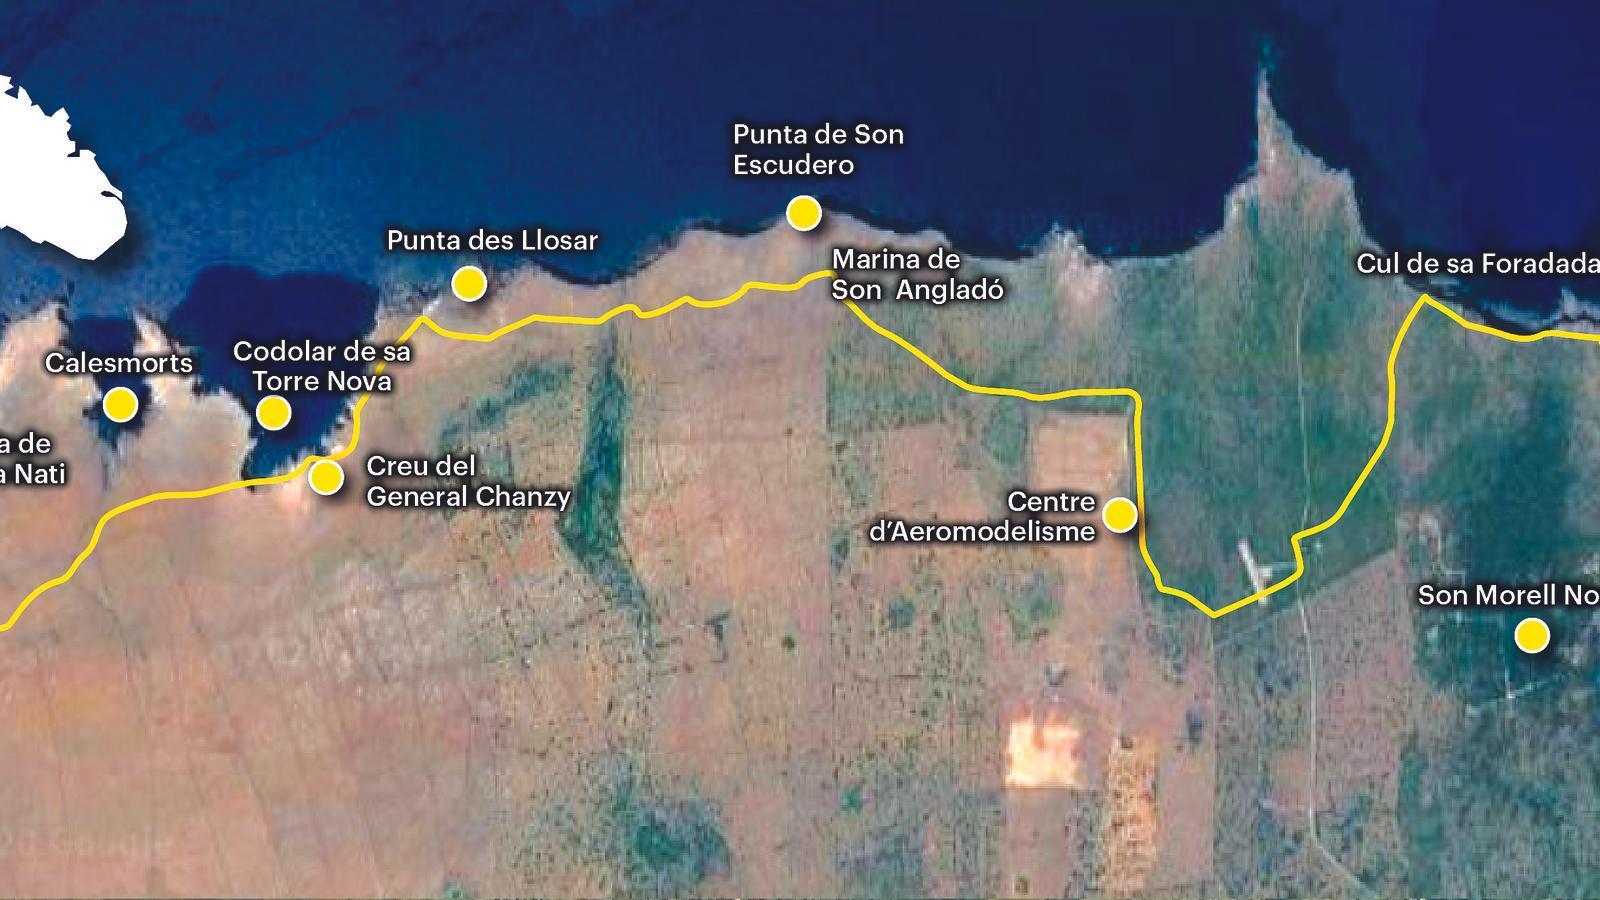 De Cala Morell a Punta Nati, la vasta i inhòspita costa nord de Ciutadella